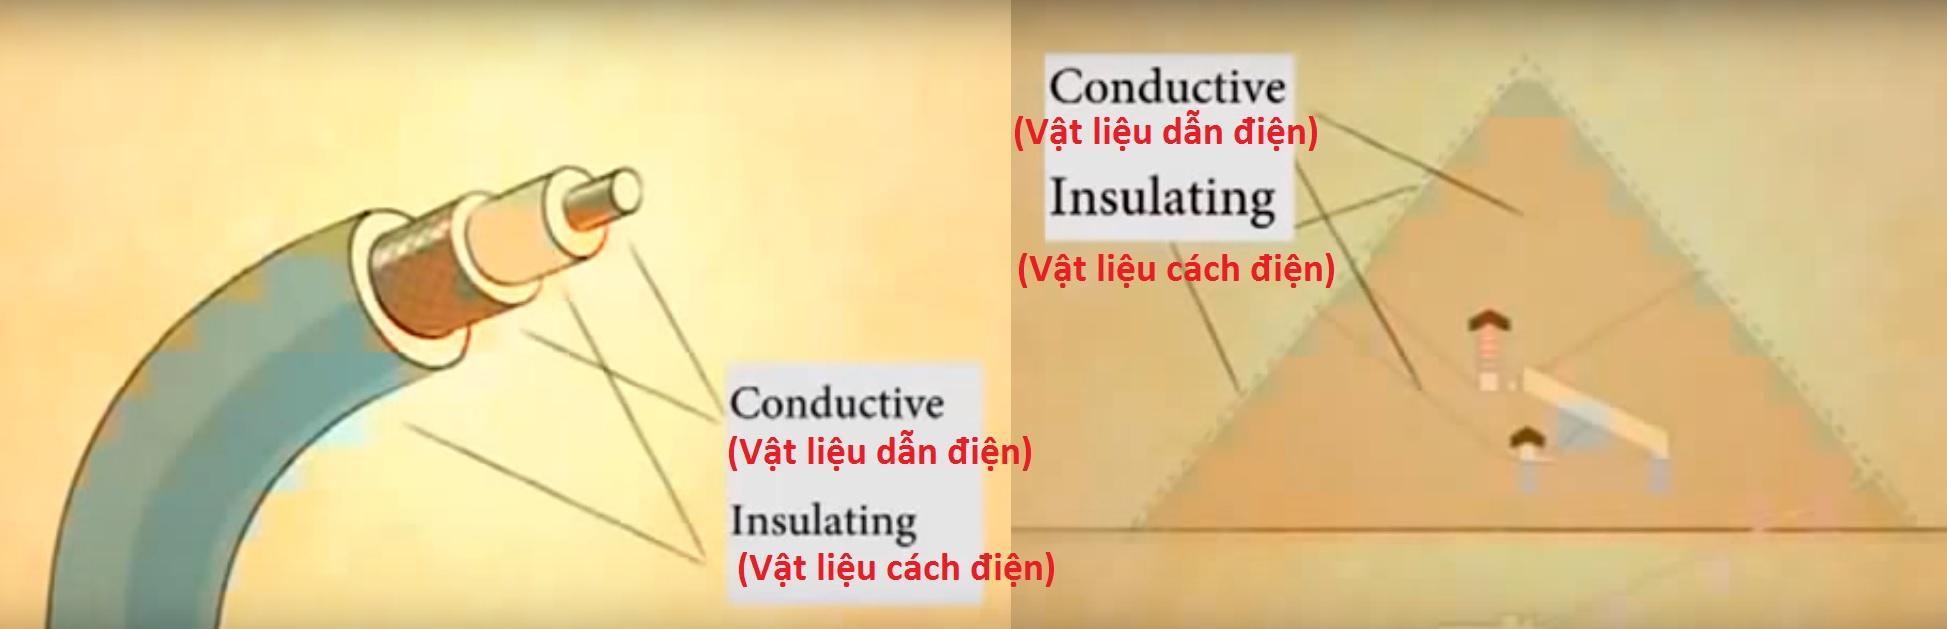 Vật liệu xây dựng kim tự tháp khiến cho kim tự tháp giống như một dây cáp điện (ảnh: youtube)